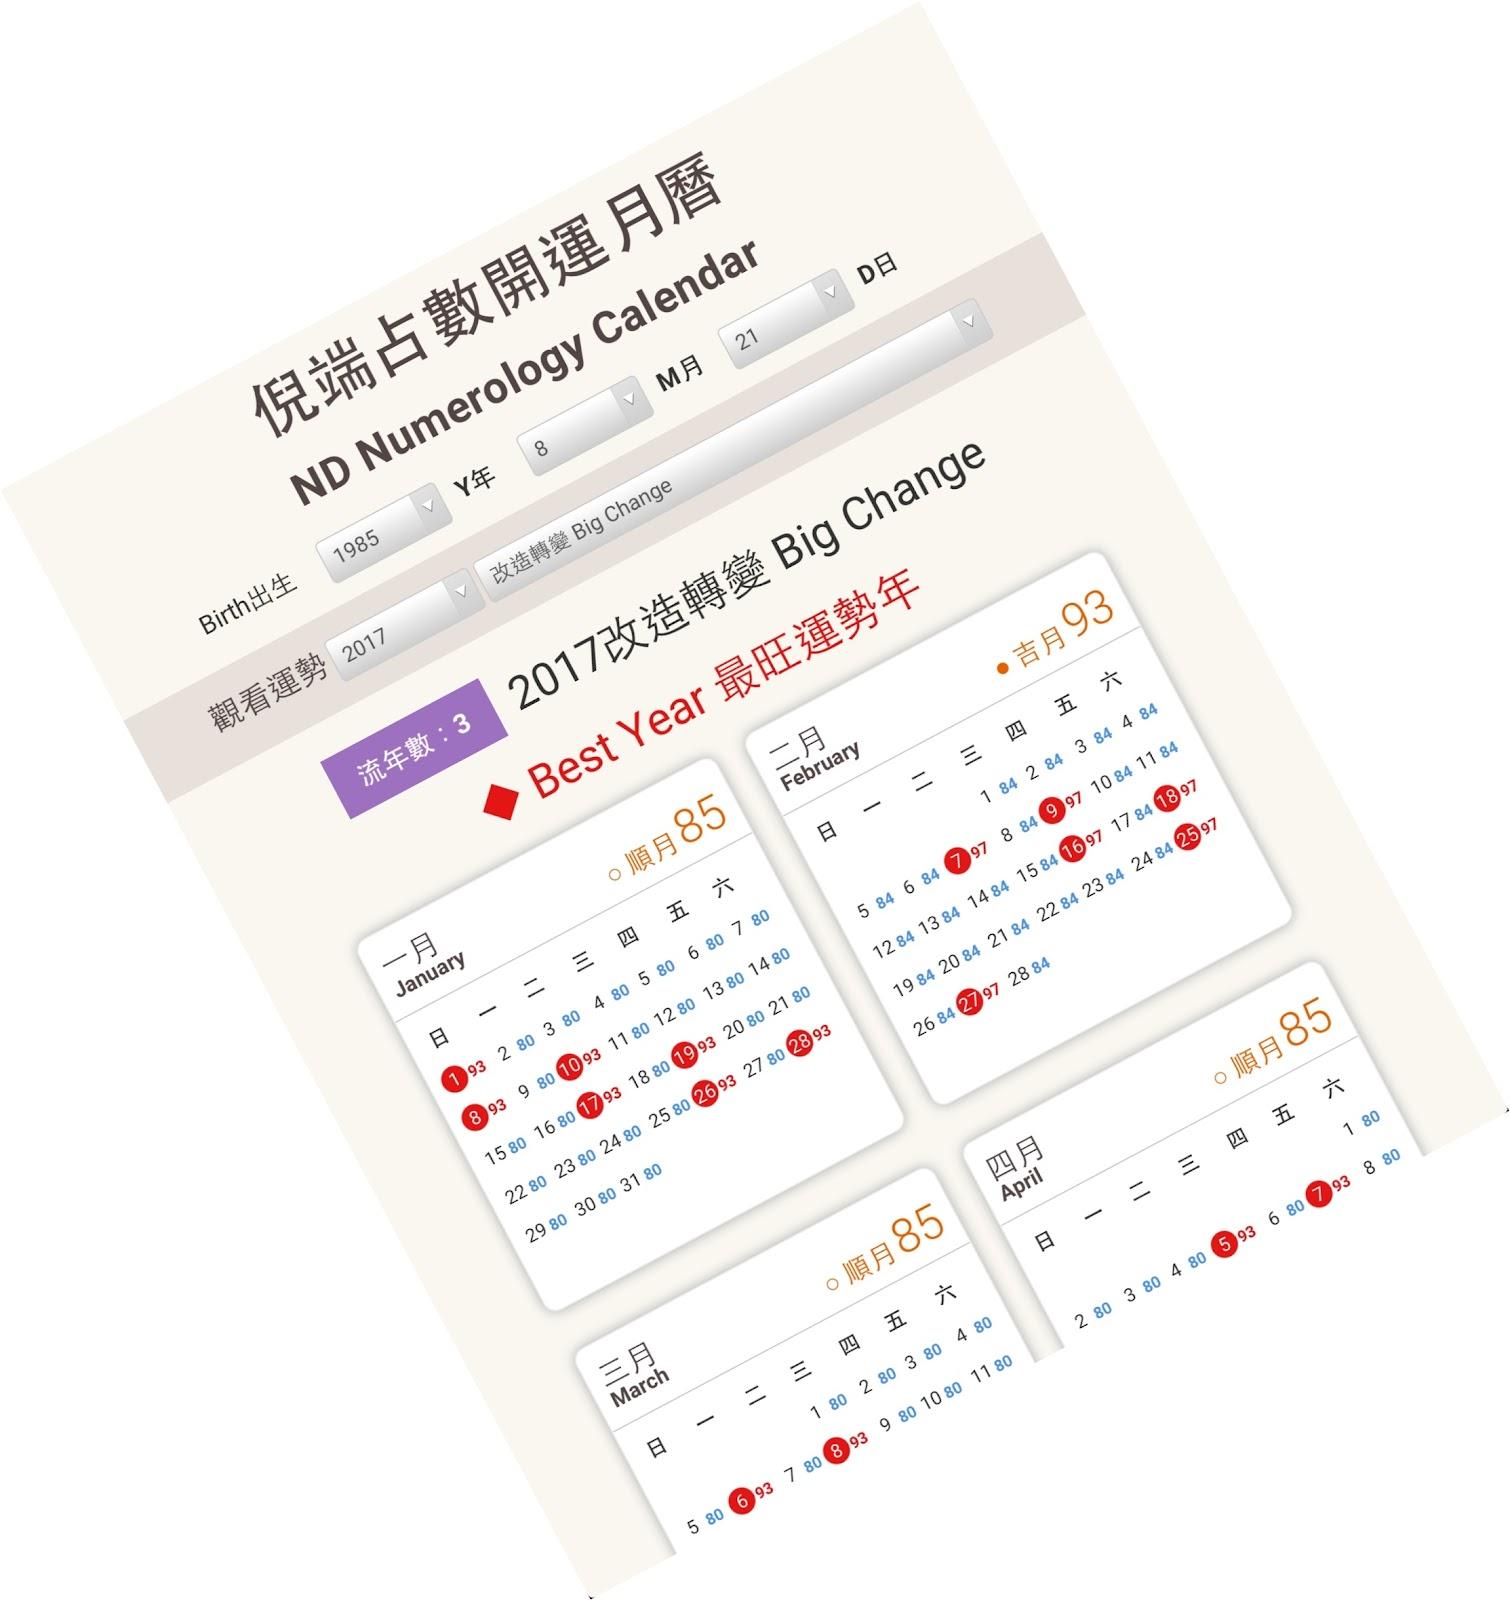 ~ 開運月曆還包括;您的愛情、家庭、事業、財運、人際、健康,每日的幸運行情指數 ~